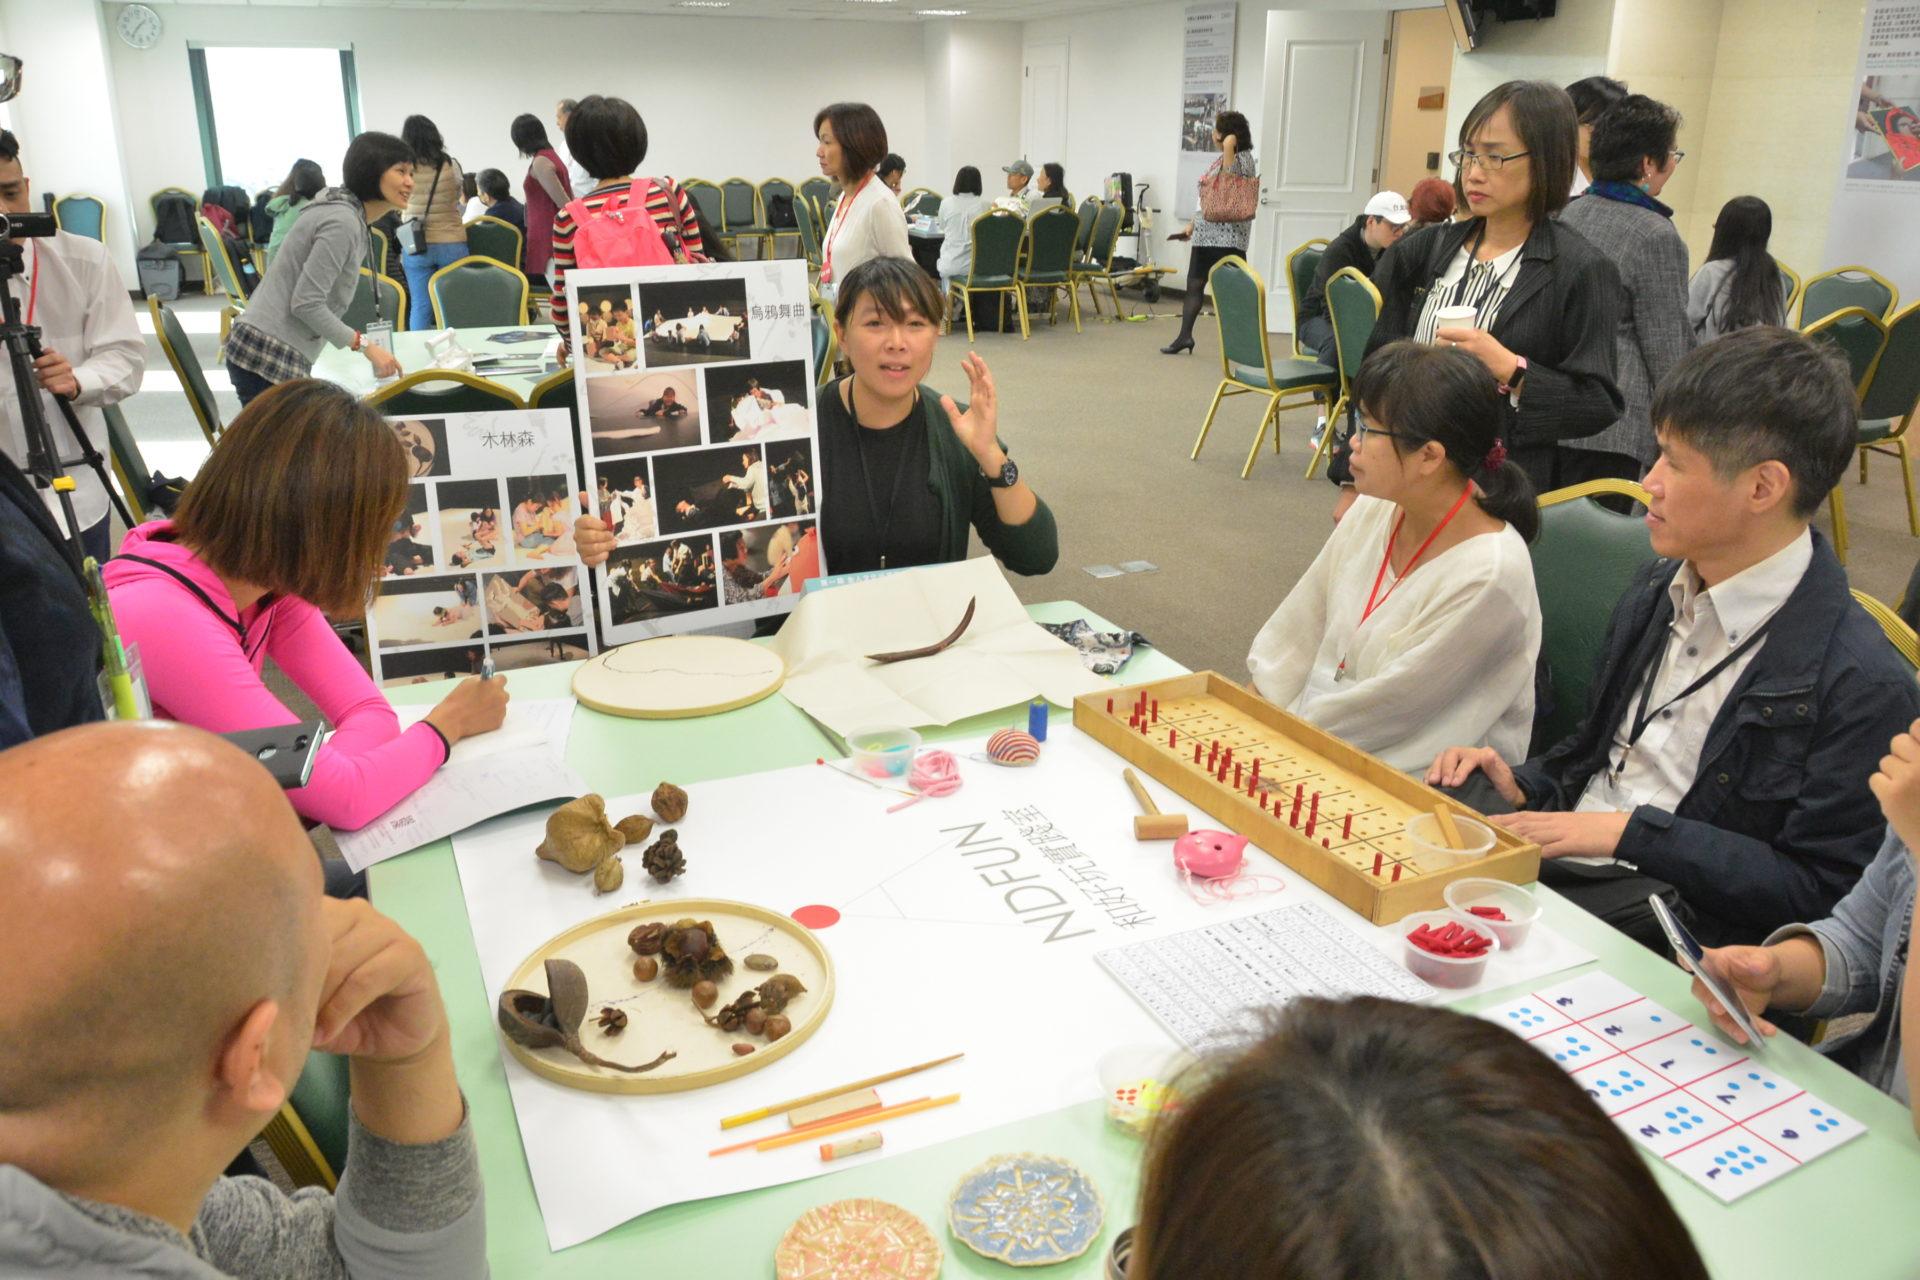 【博物之島新訊】博物館如何為全人排除障礙?第一屆全人文化近用與社會共融國際研討會